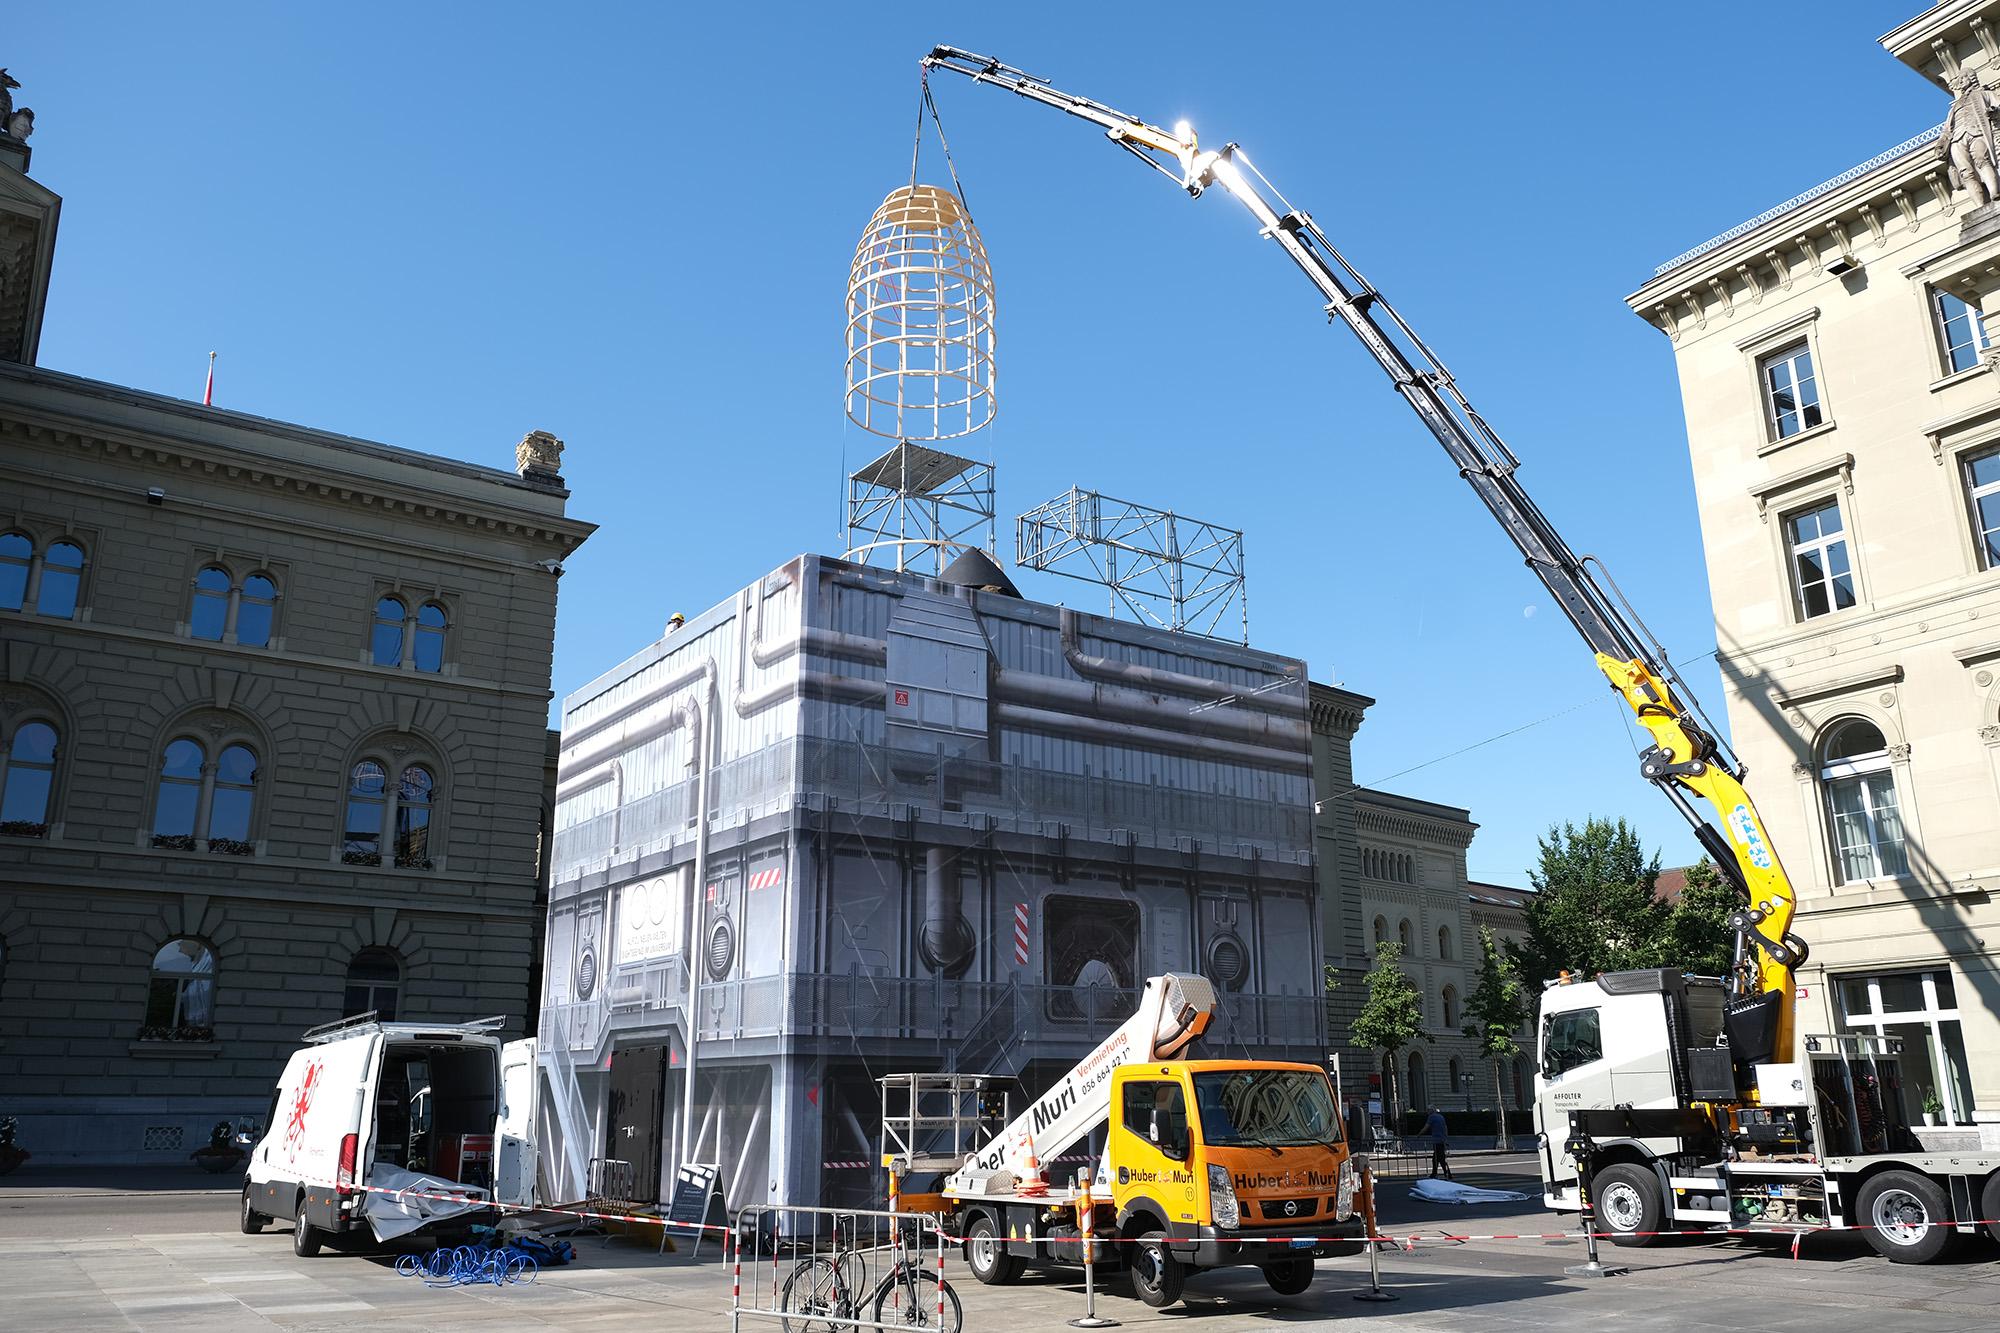 Aufbau des Raketenkubus auf dem Bundesplatz. © Universität Bern